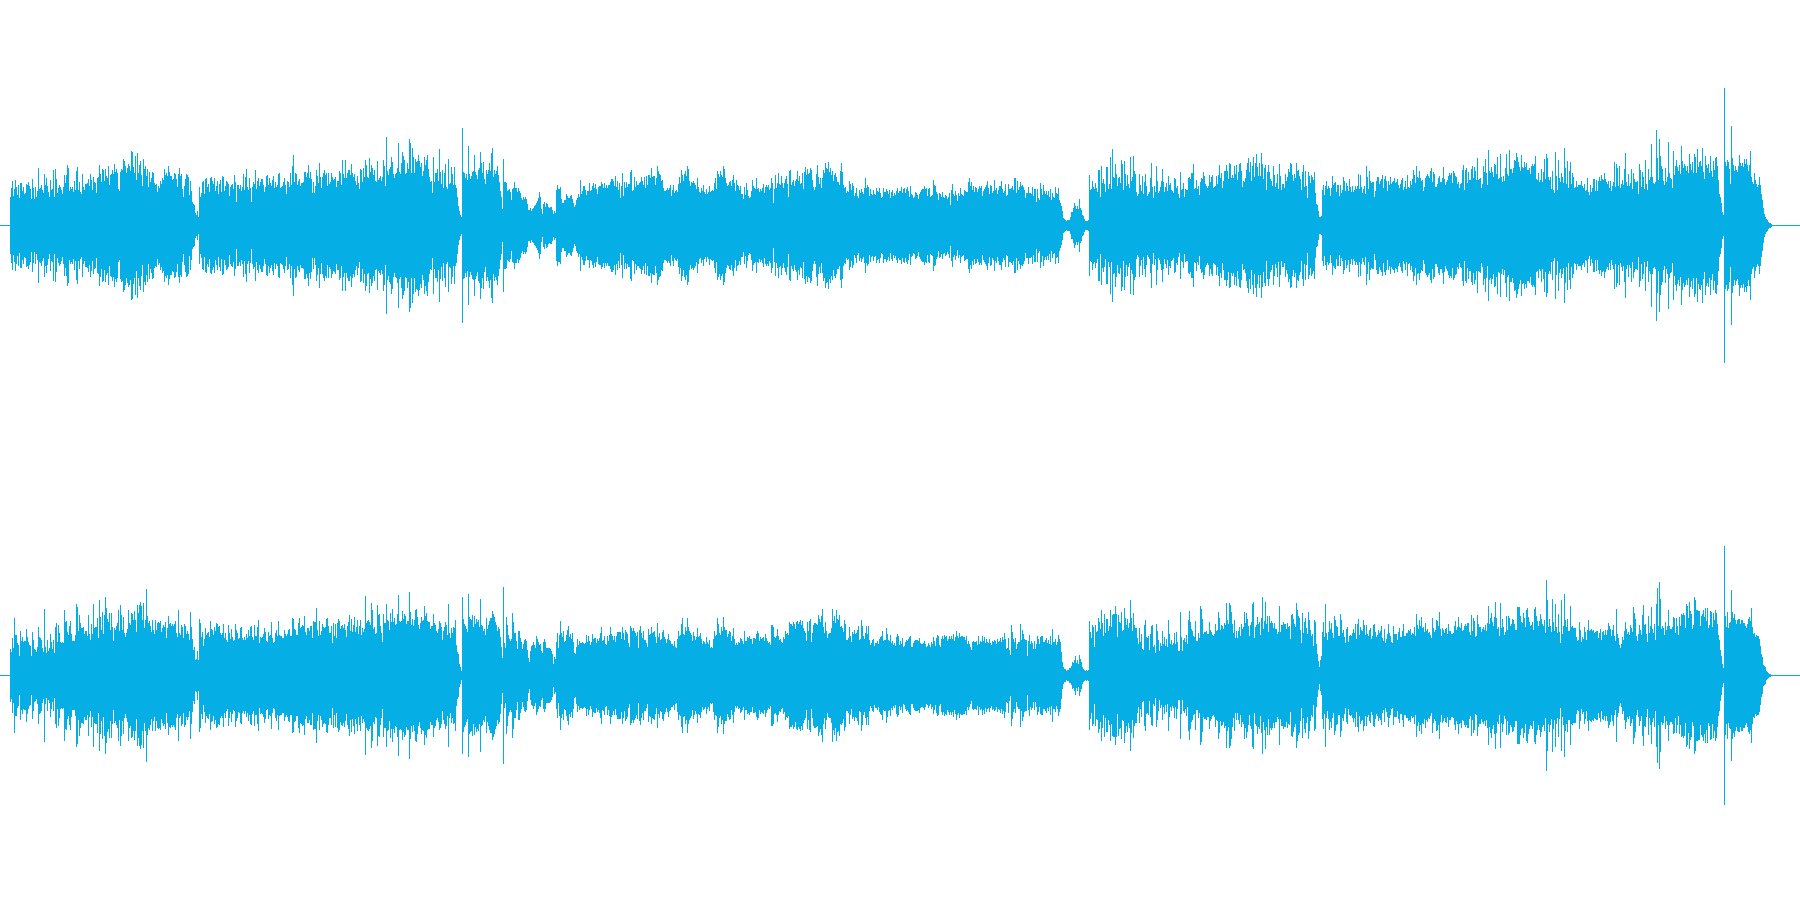 小組曲より第四楽章バレエ(新)の再生済みの波形